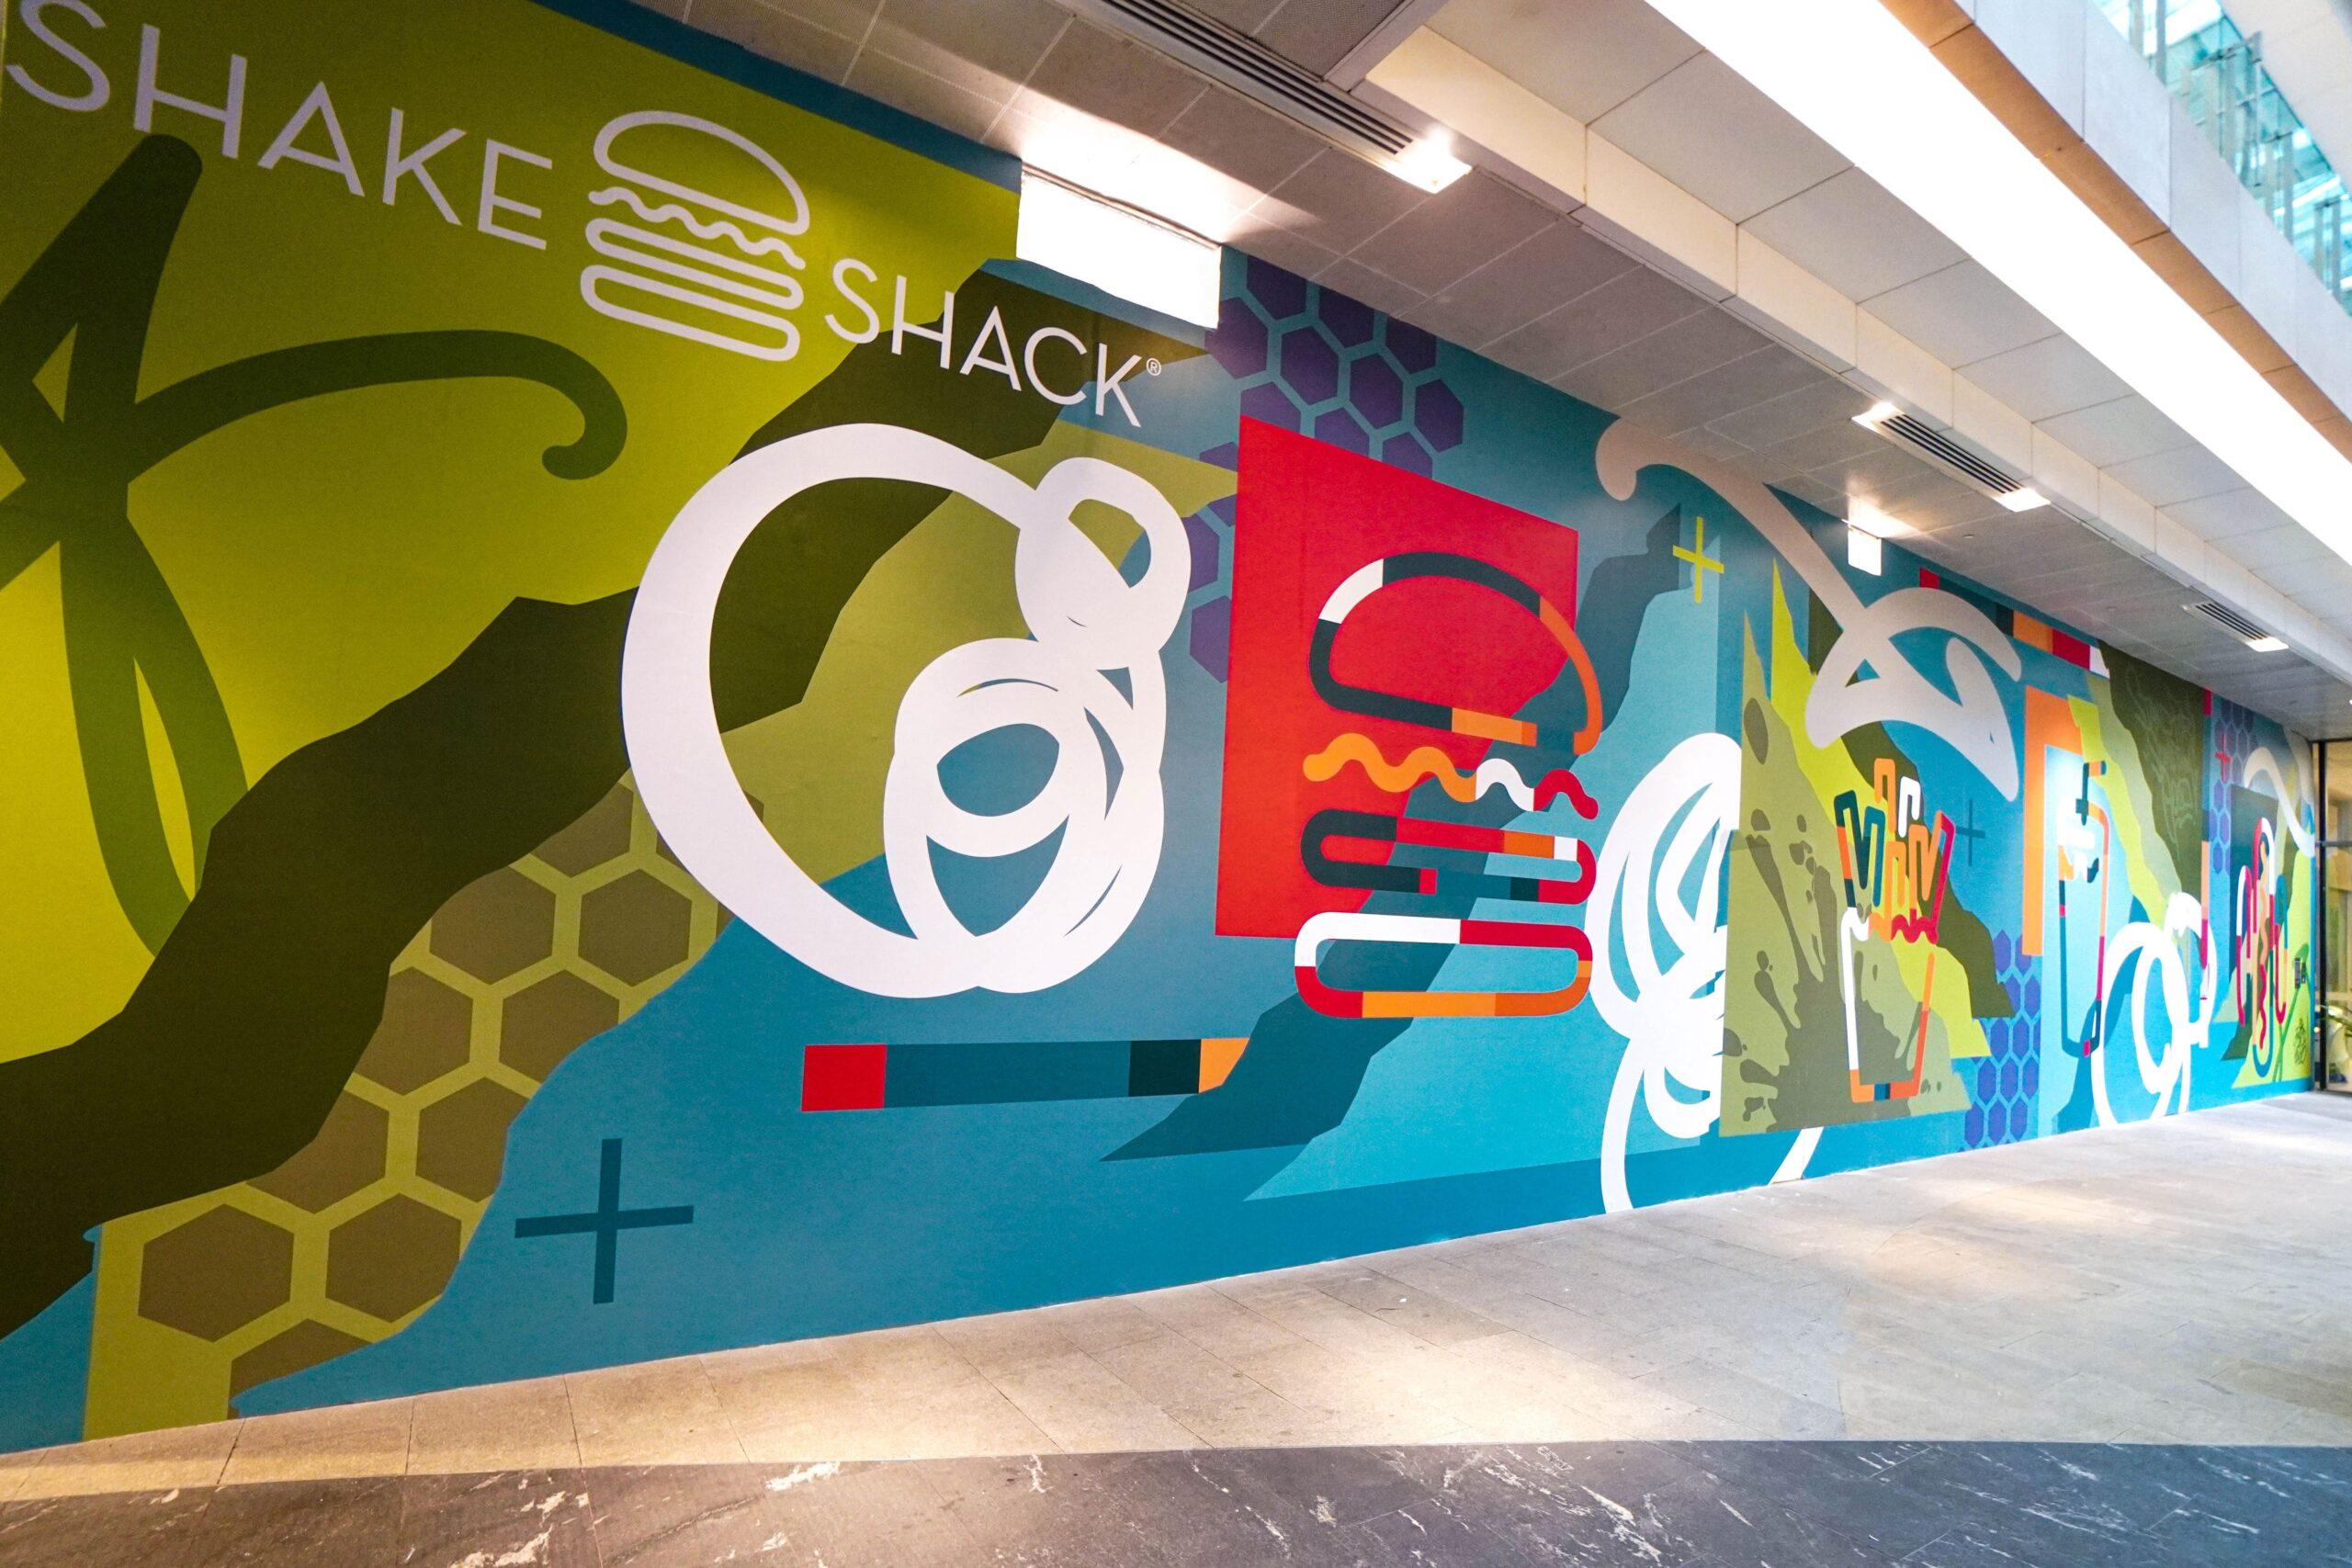 shake shack westgate hoarding